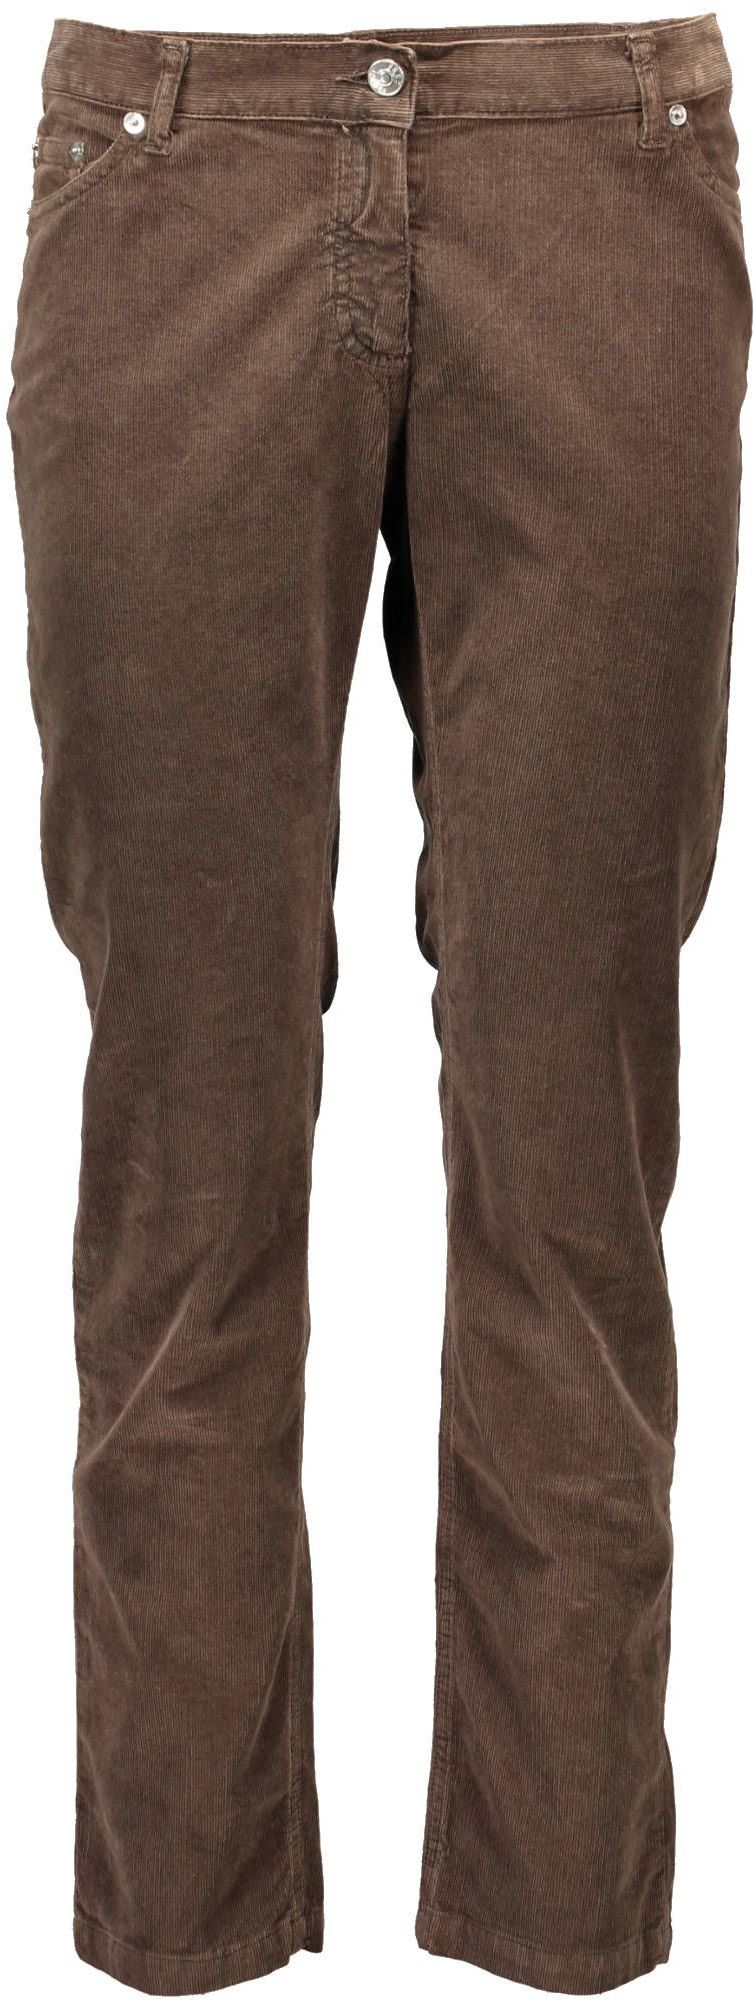 FRED PERRY Spodnie damskie